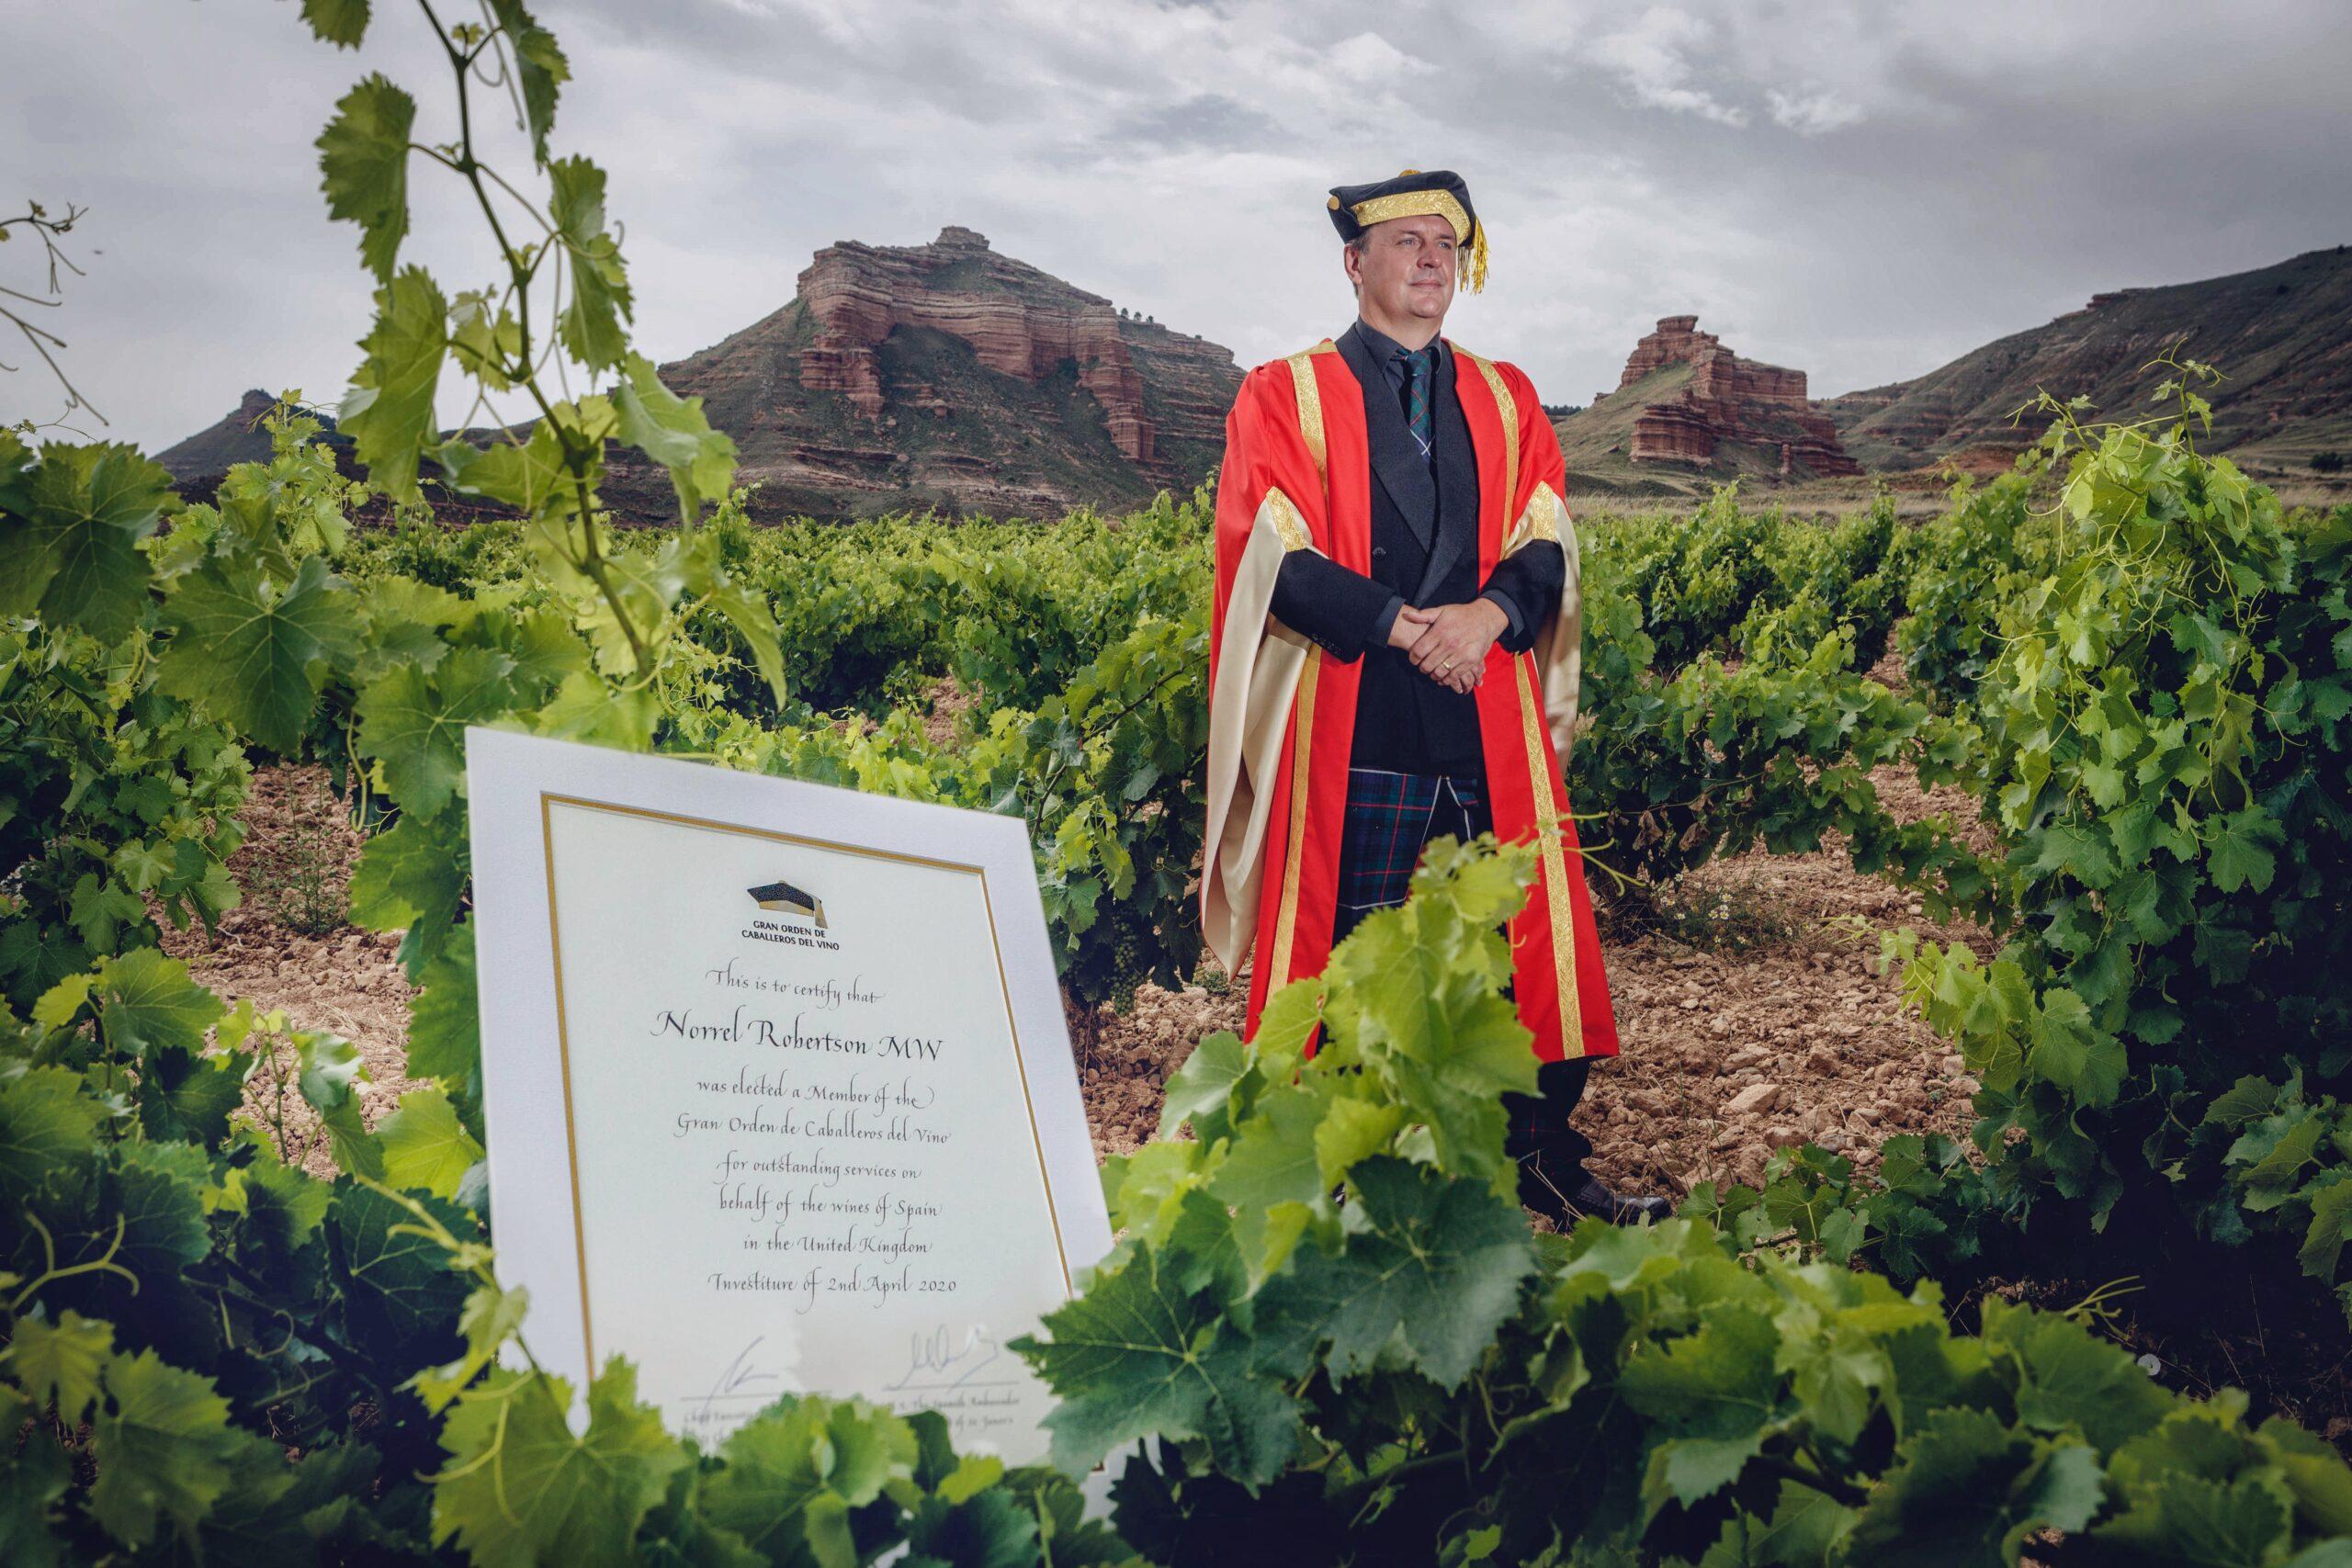 Norrel Robertson investido en la Gran Orden de Caballeros del Vino (GOCV)